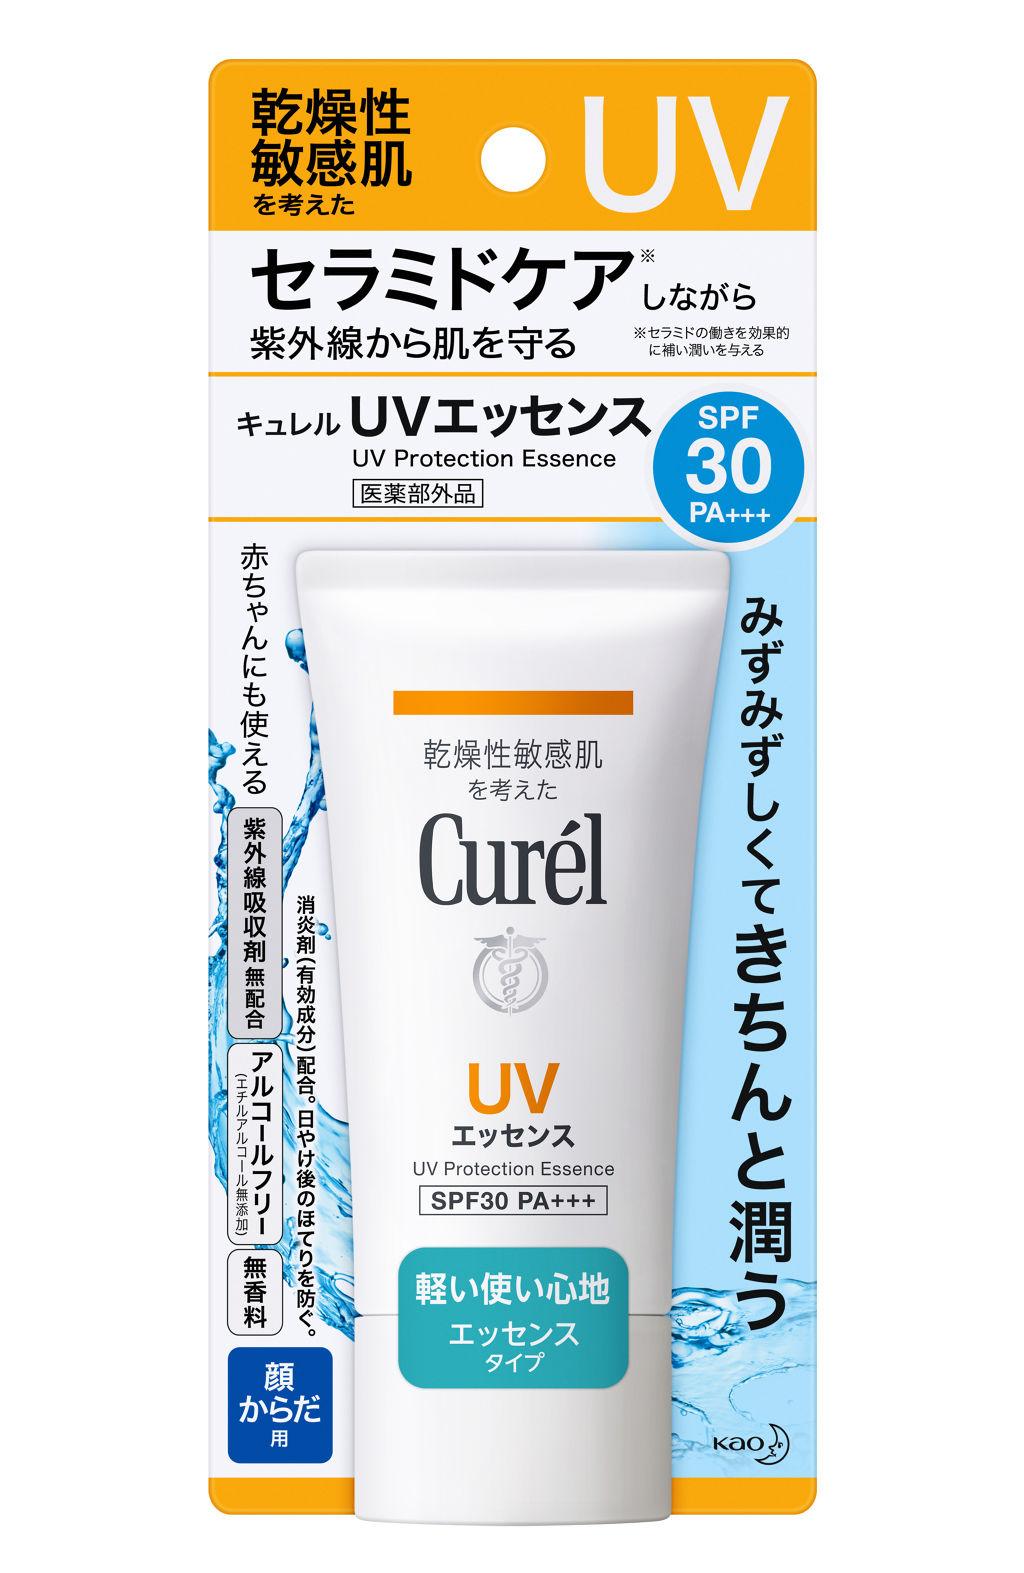 UVエッセンス SPF30 Curel